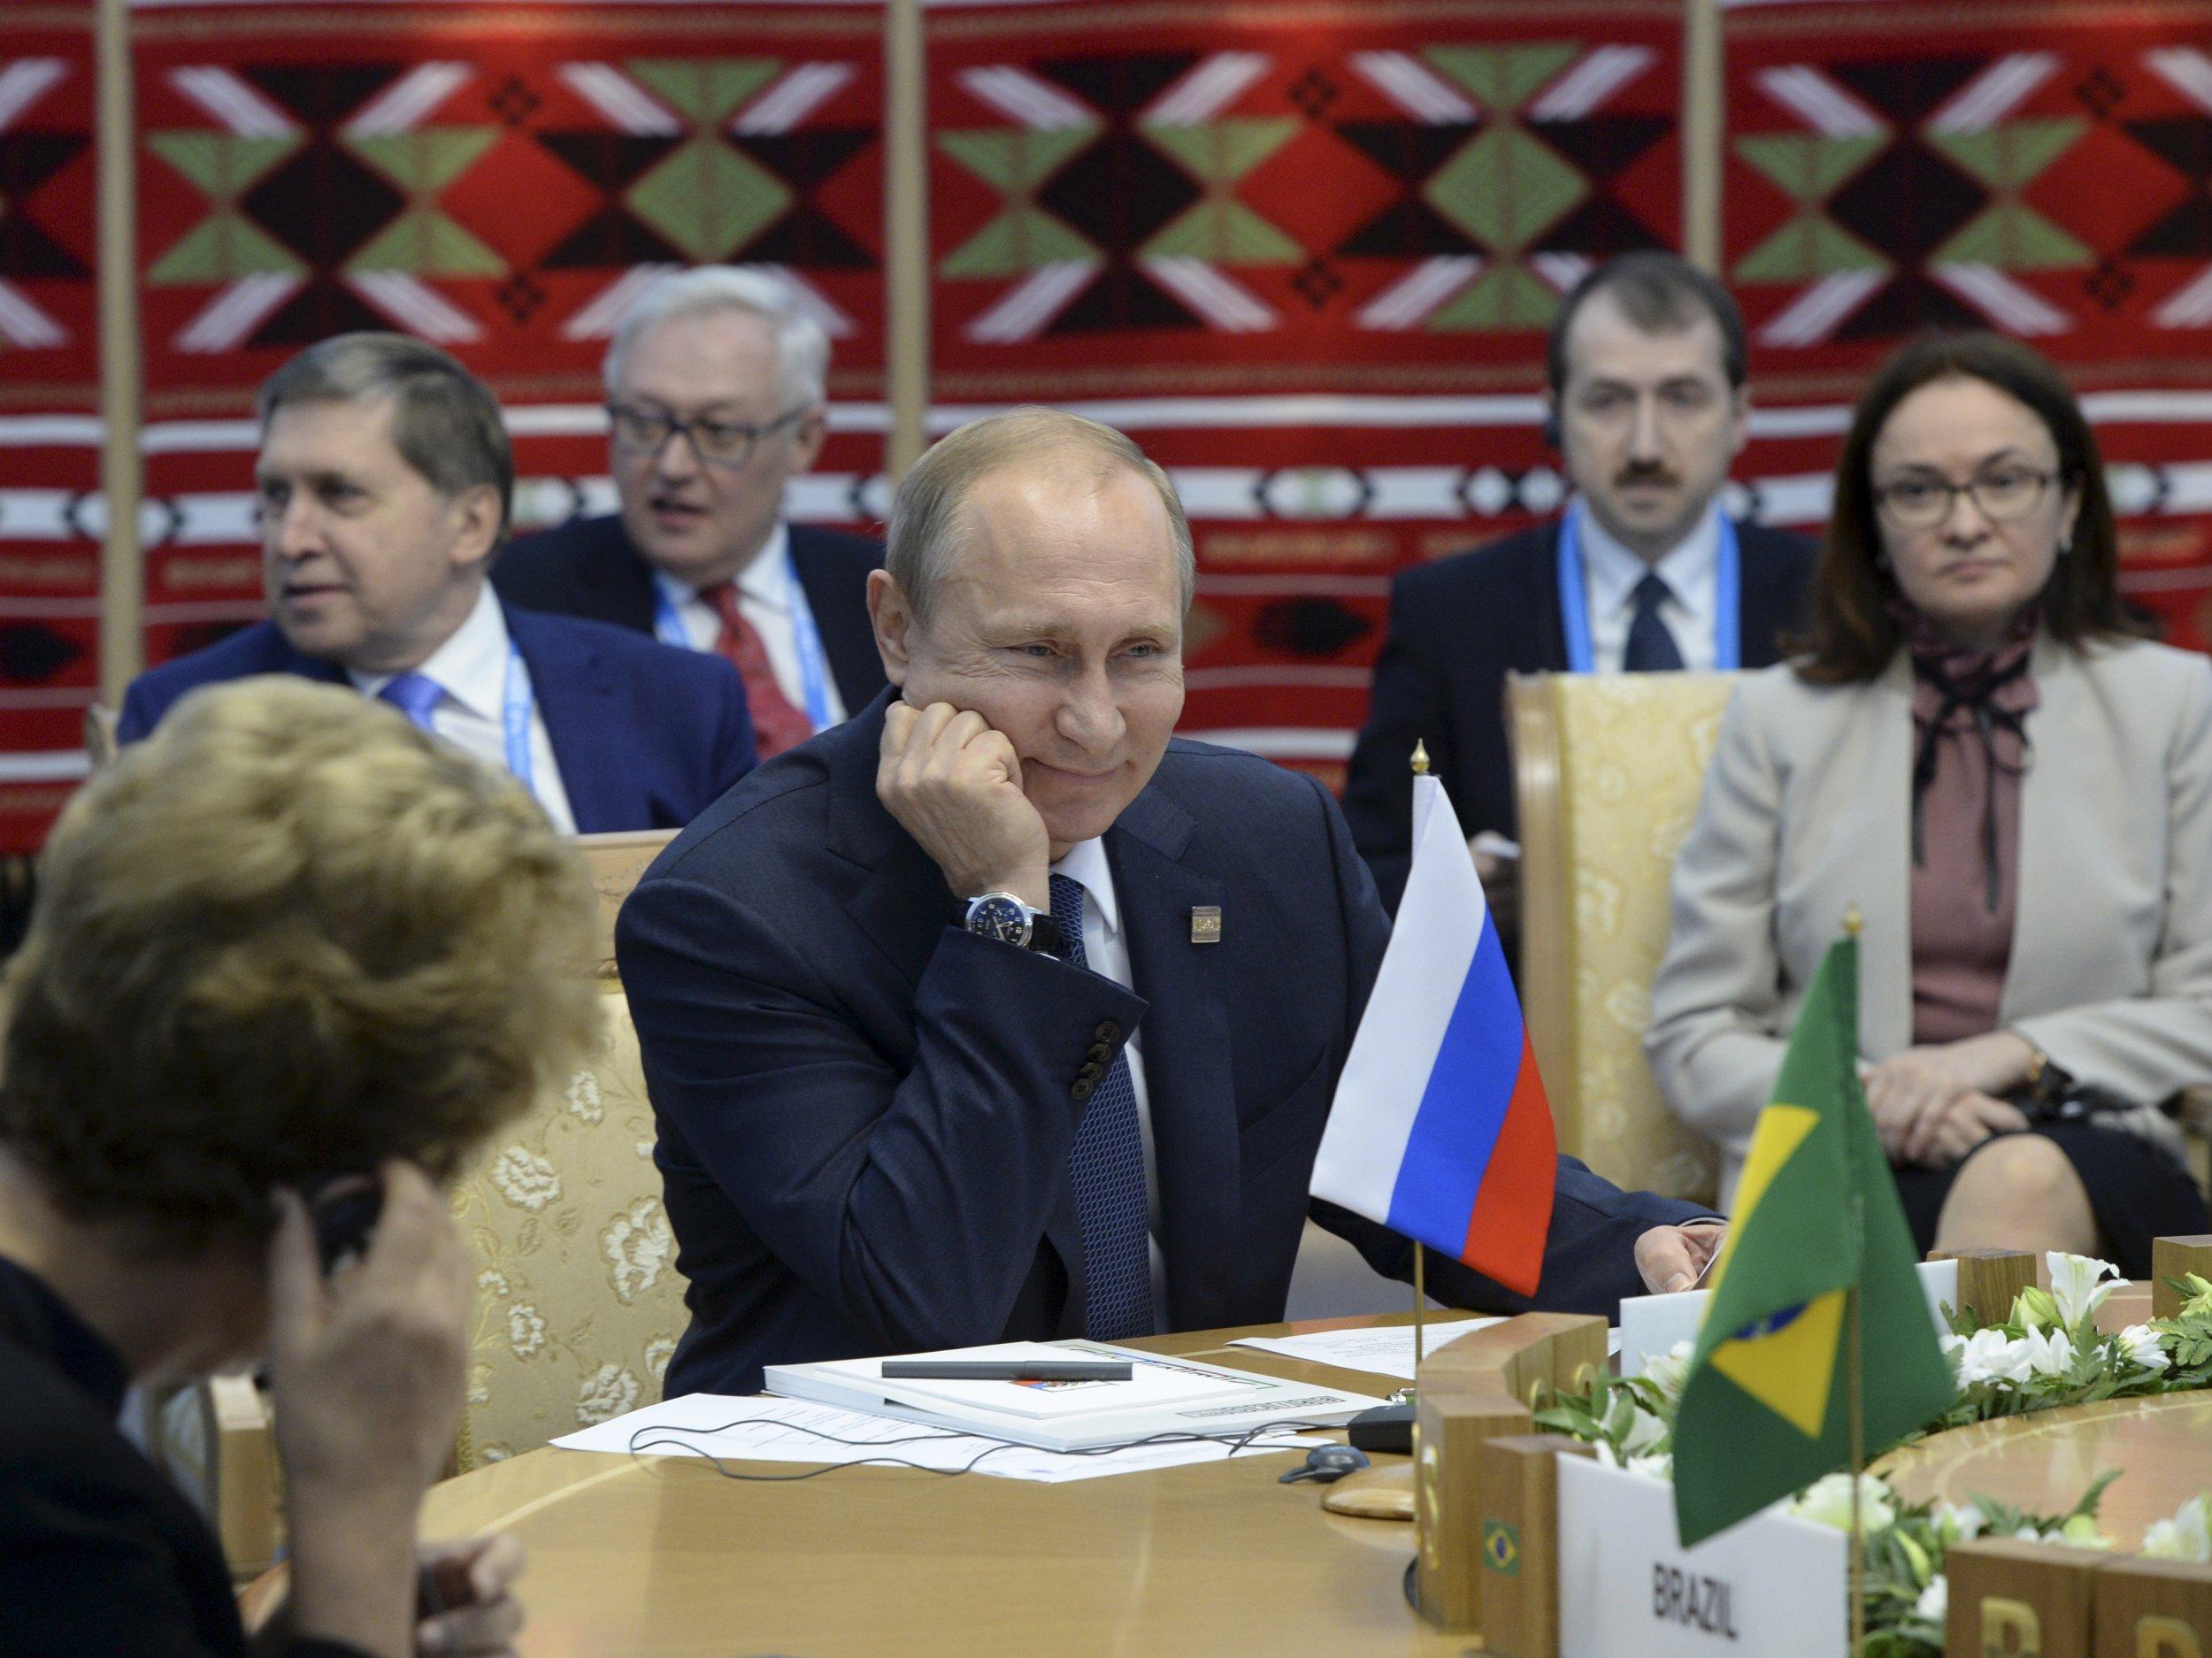 Putin smiles